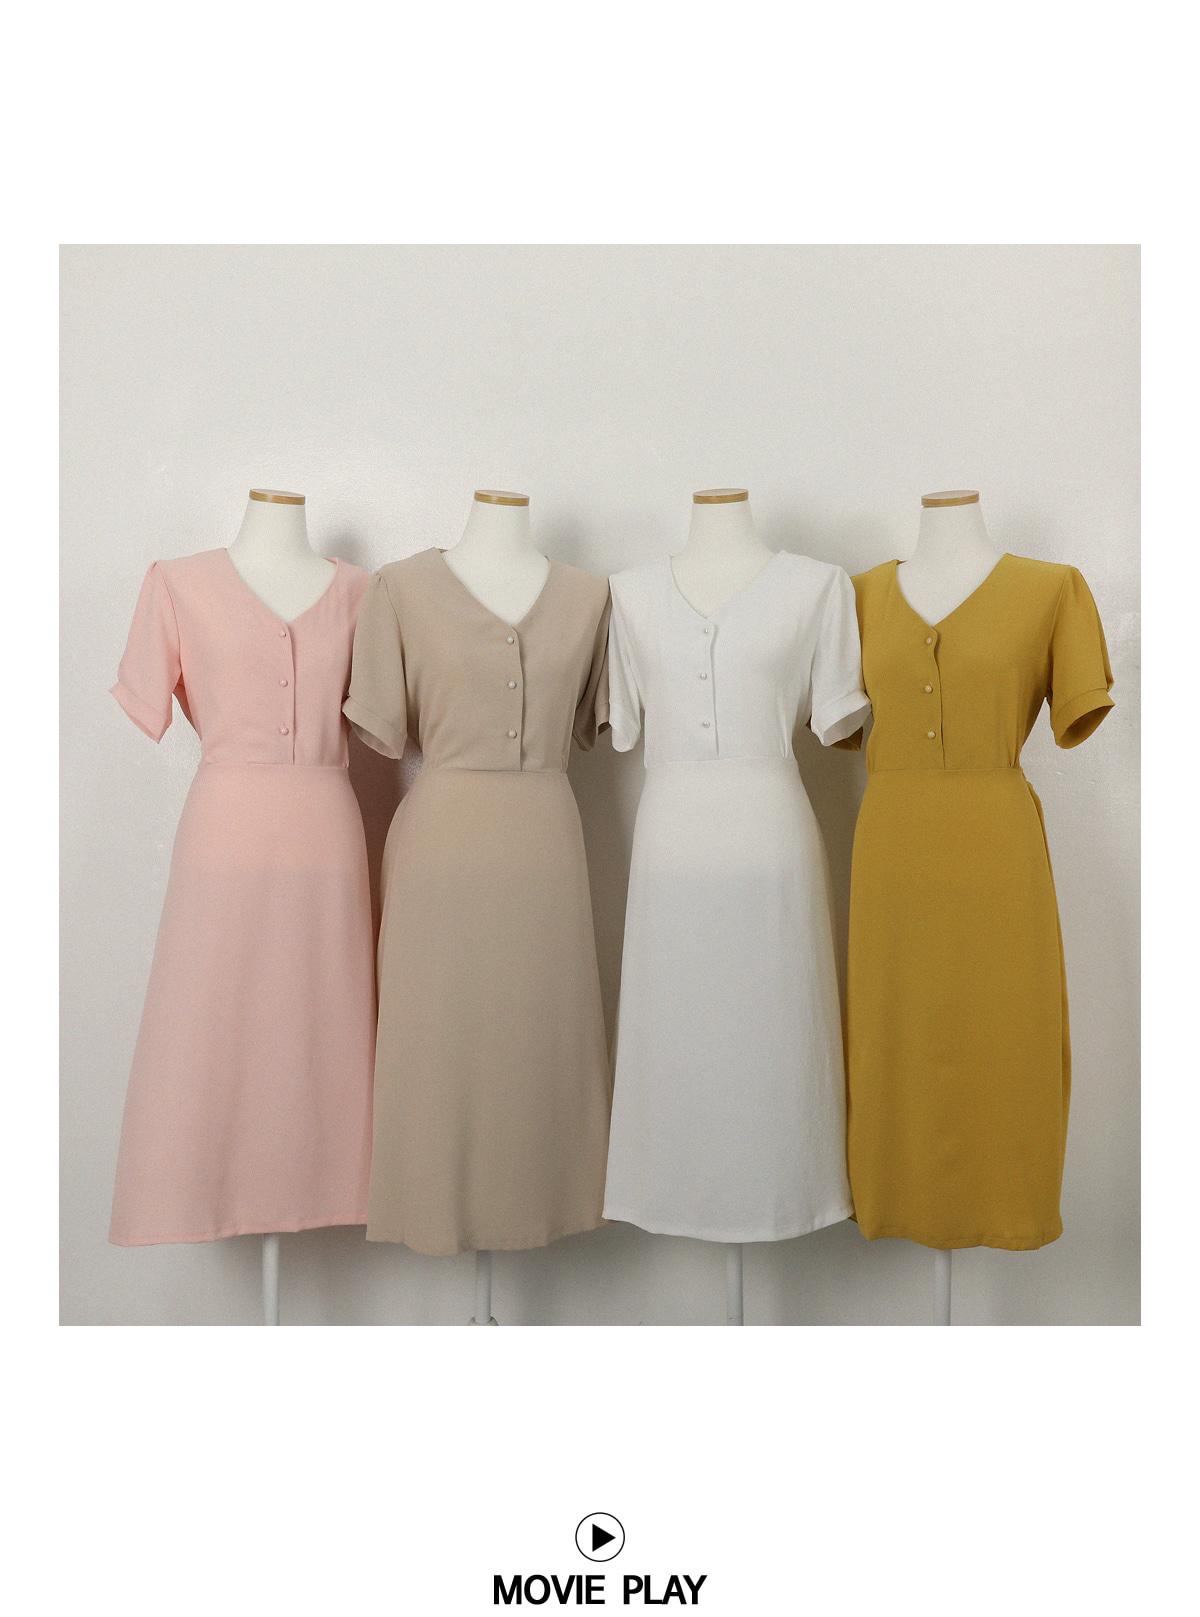 Spencer V Long Dress